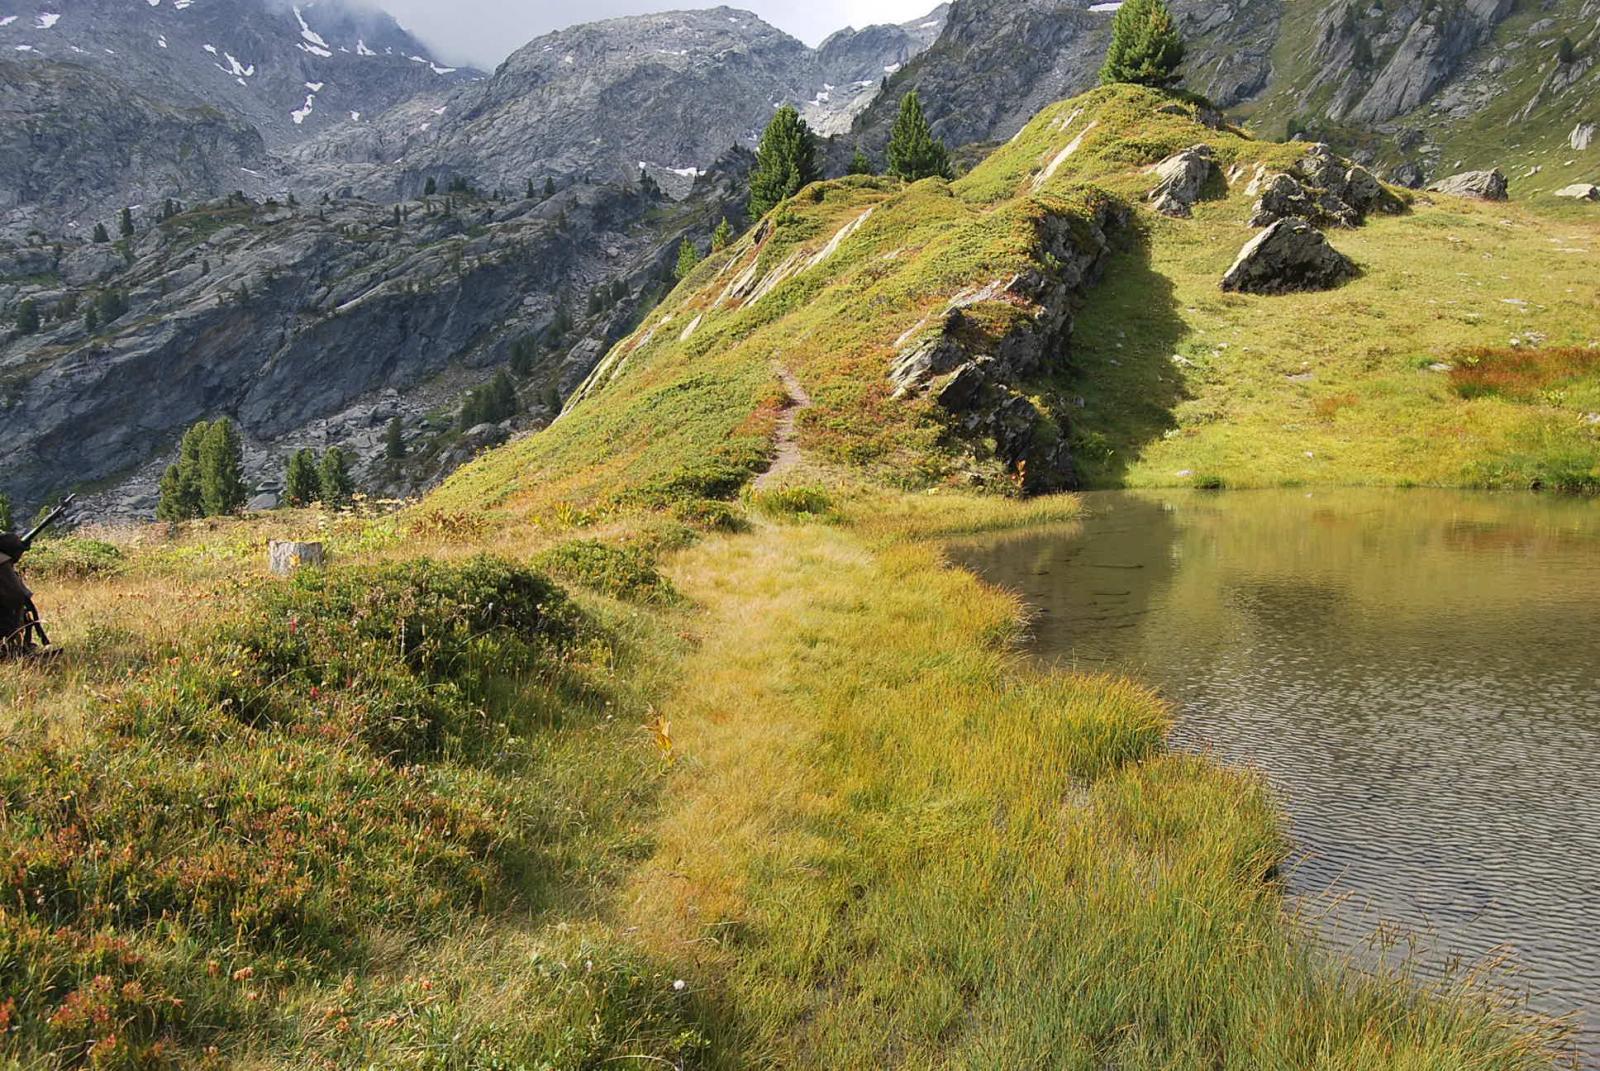 La partenza del sentiero sconosciuto nei pressi del laghetto, pochi metri dopo l'incontro tra i sentieri 7 e 18.